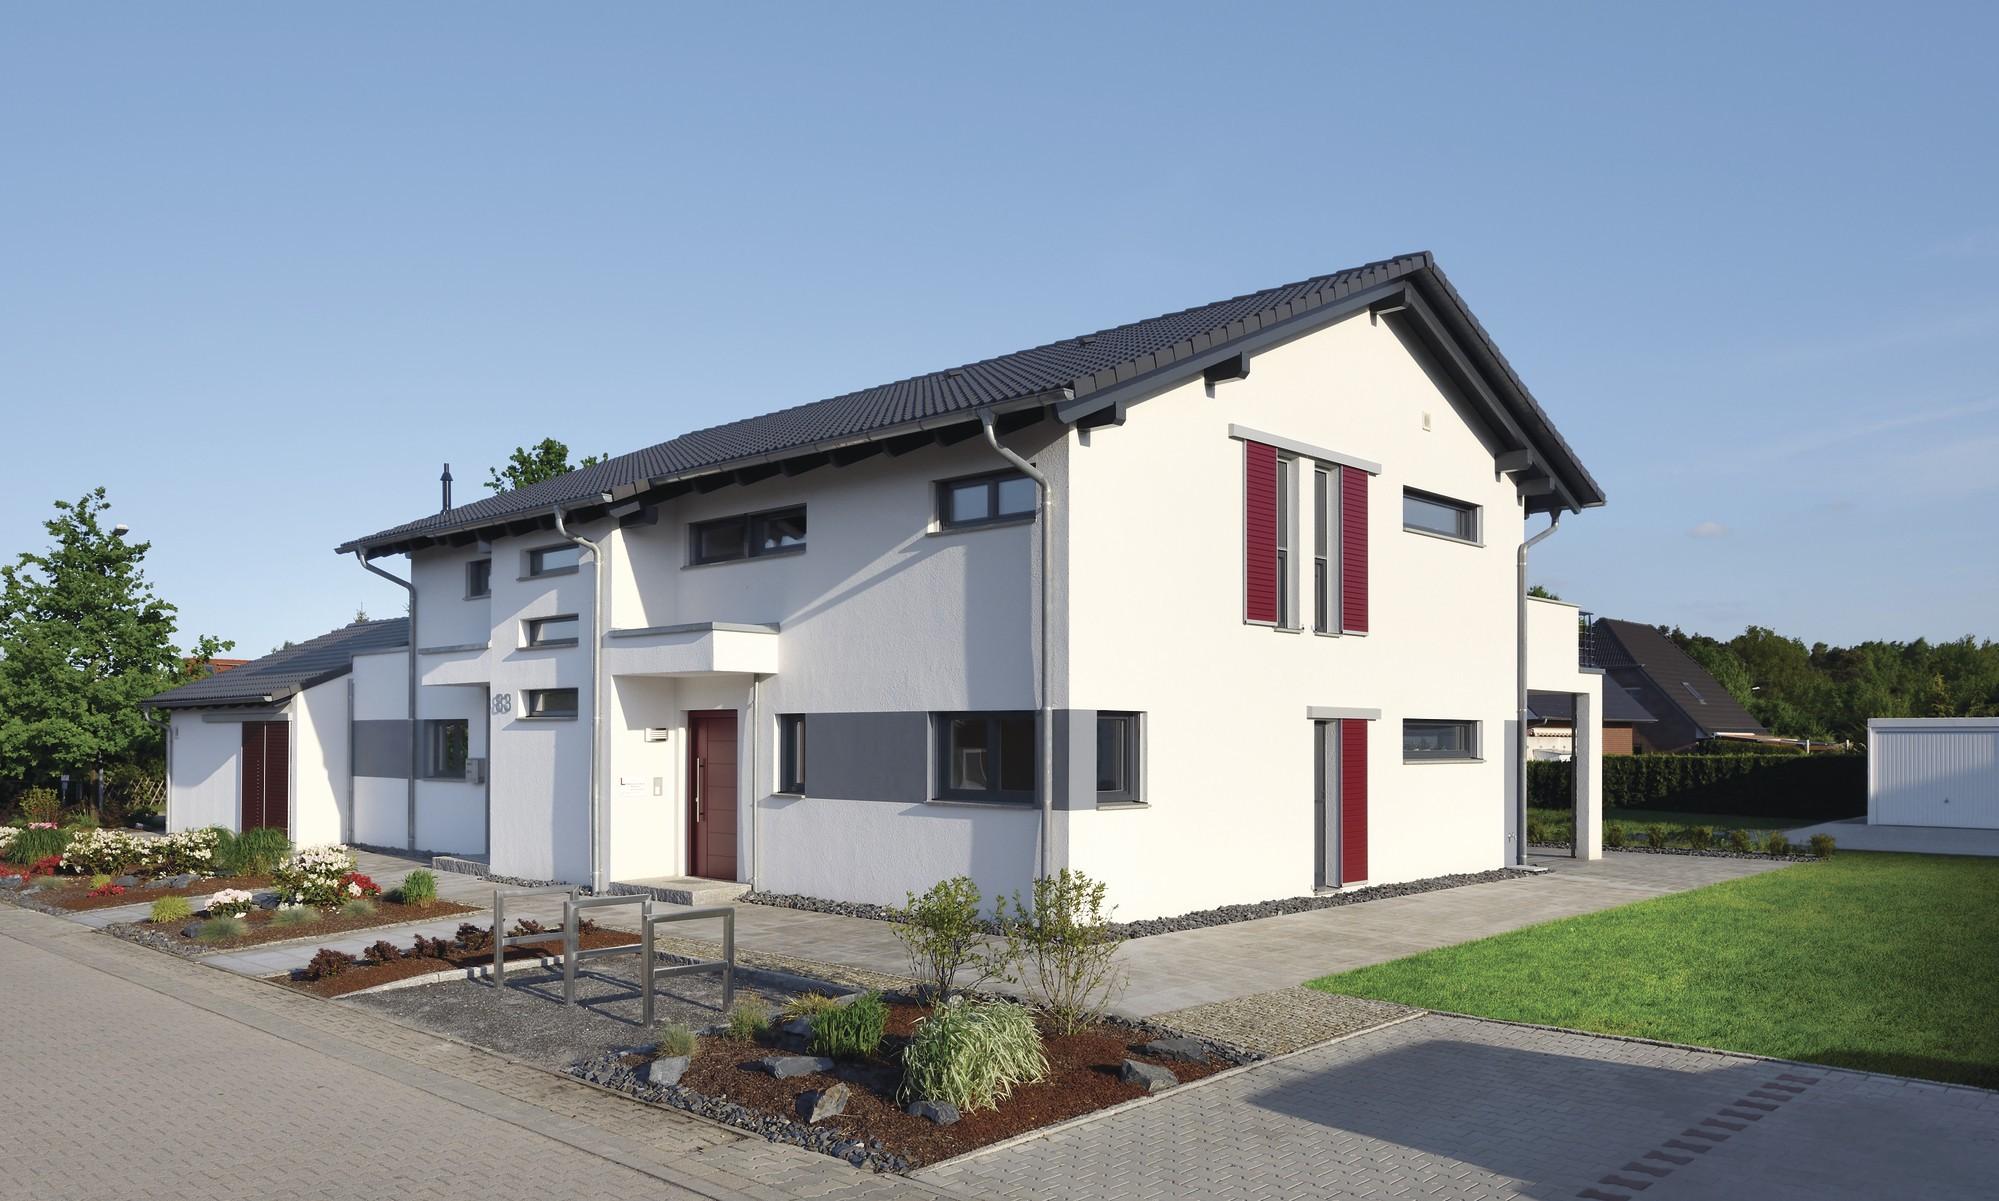 Berühmt Wohnen und Arbeiten unter einem Dach OX45